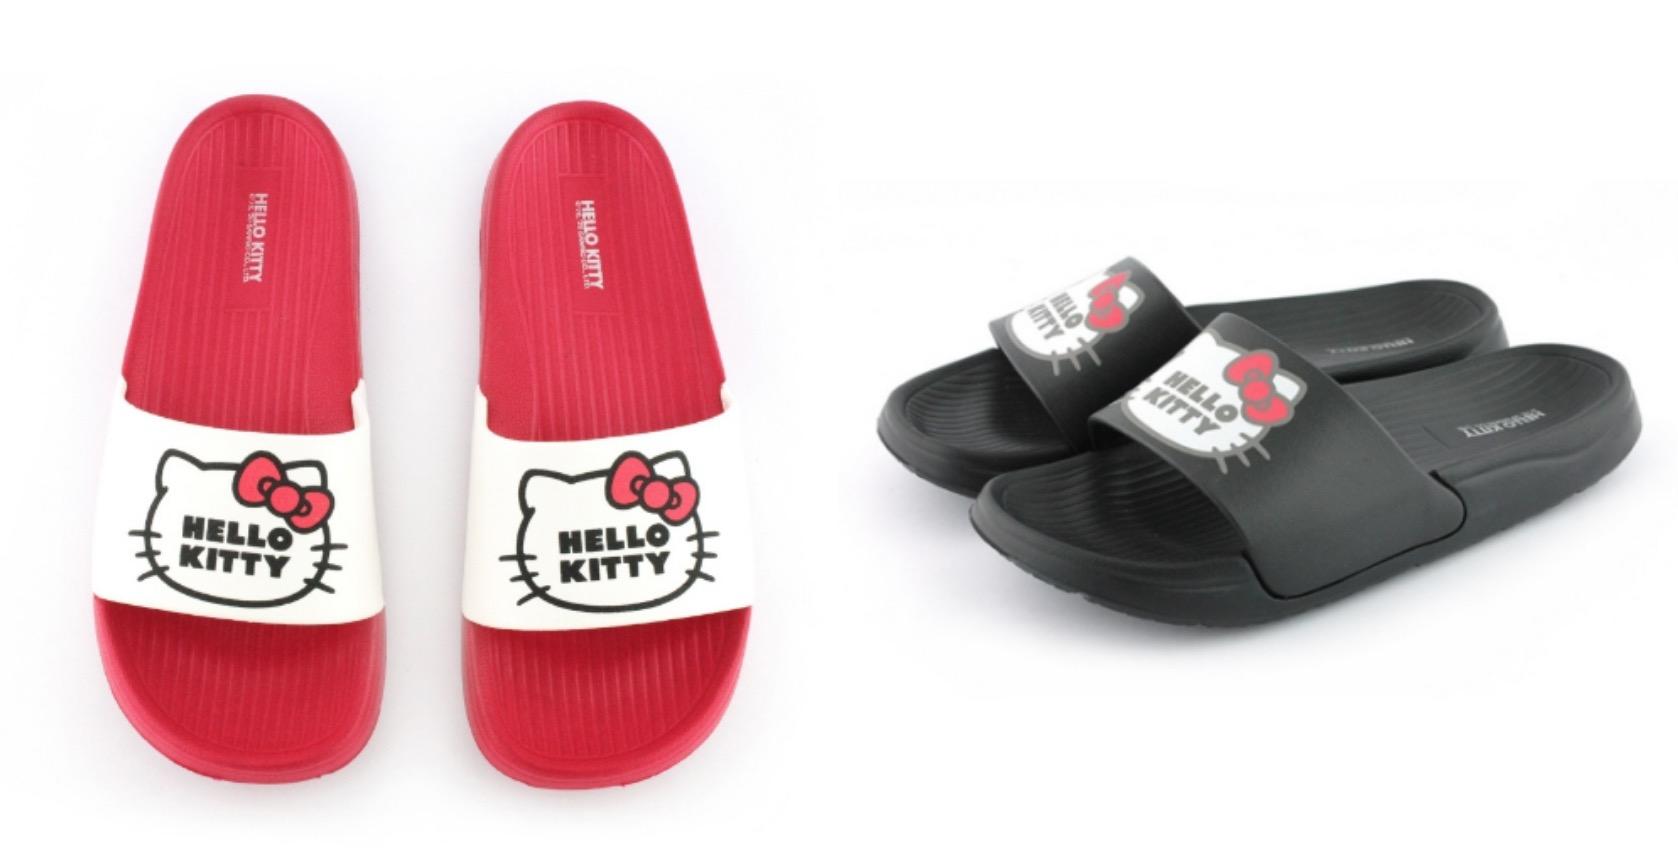 MIT台灣製造,主打輕量、防水、晴雨天穿都OK,舒適好穿好走,是台灣平價優質品牌,比起扁扁的夾角拖,這種一片式的運動系拖鞋讓人穿過就回不去了!